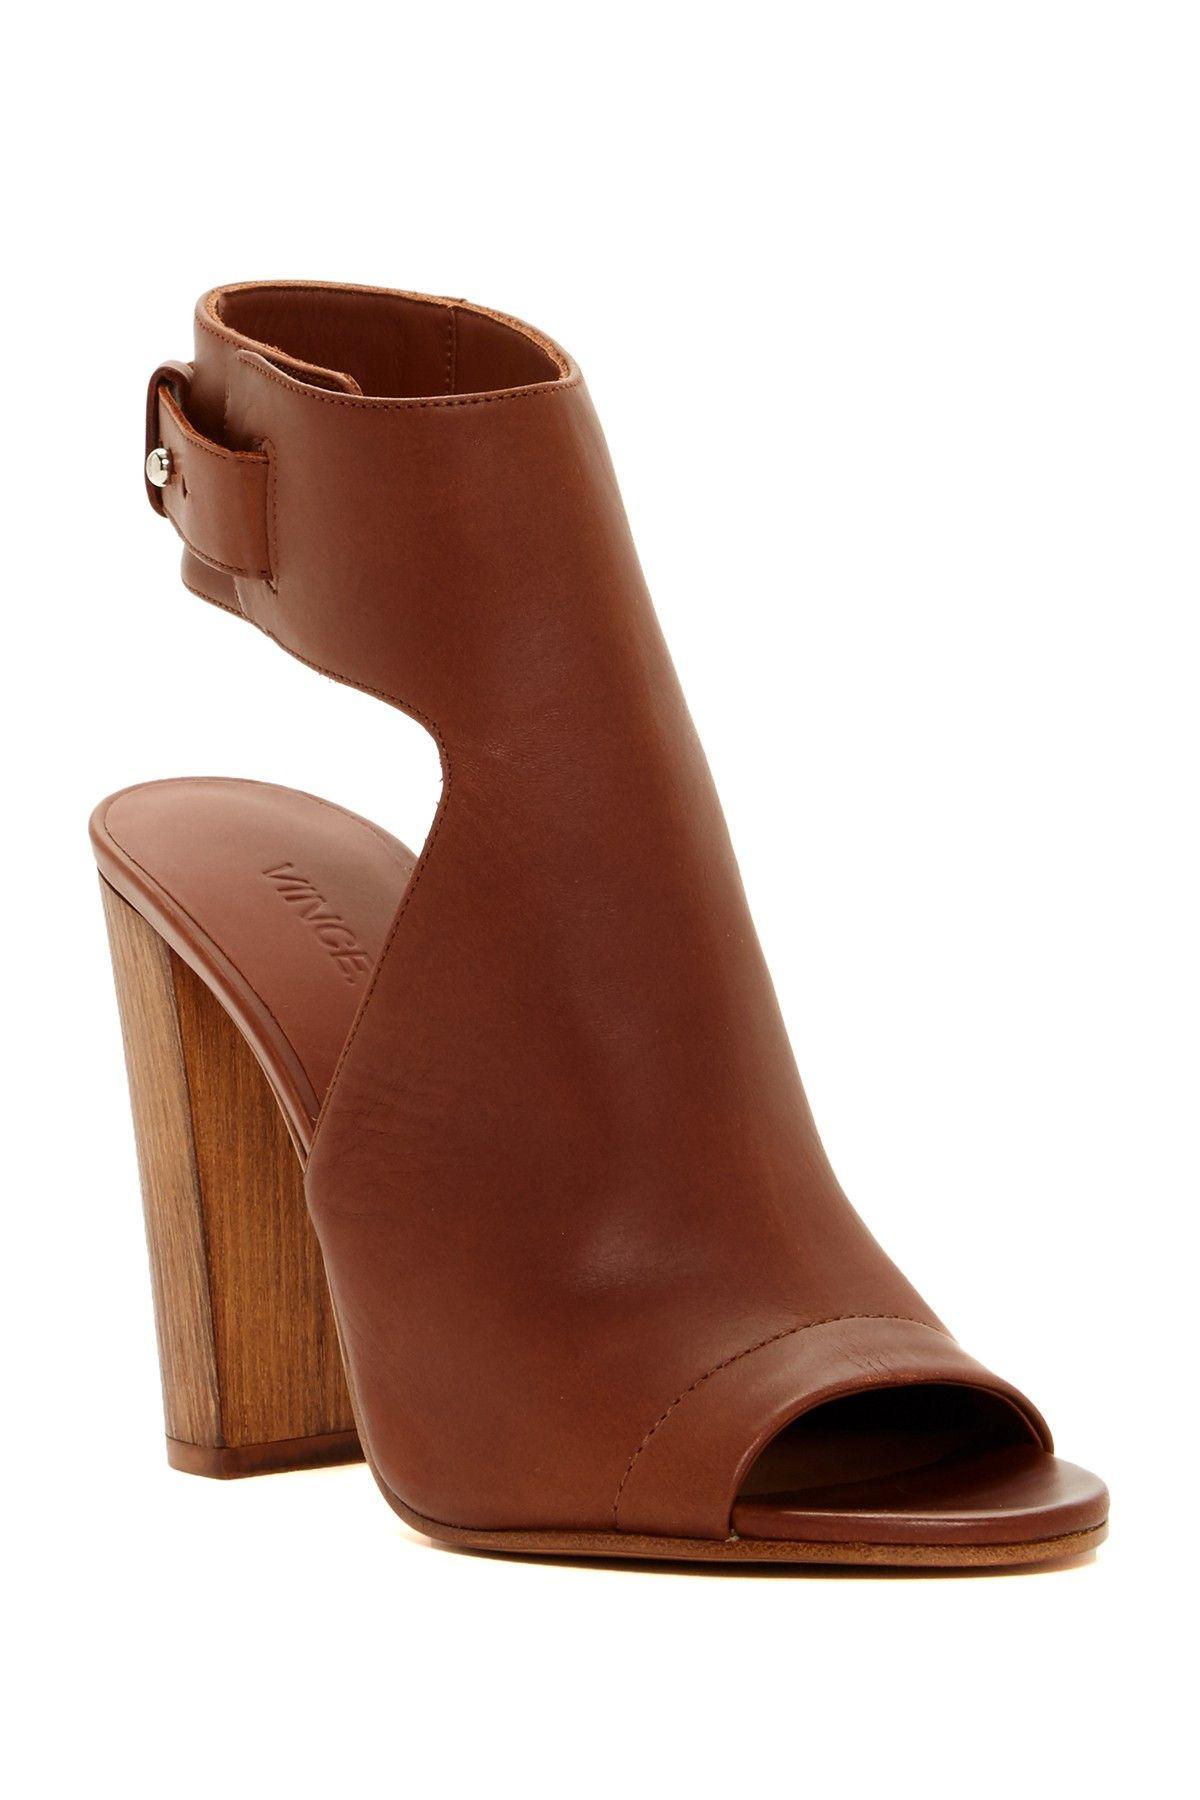 37cf54b5035 Addie Heeled Sandal - Medium Width by VINCE. on  HauteLook